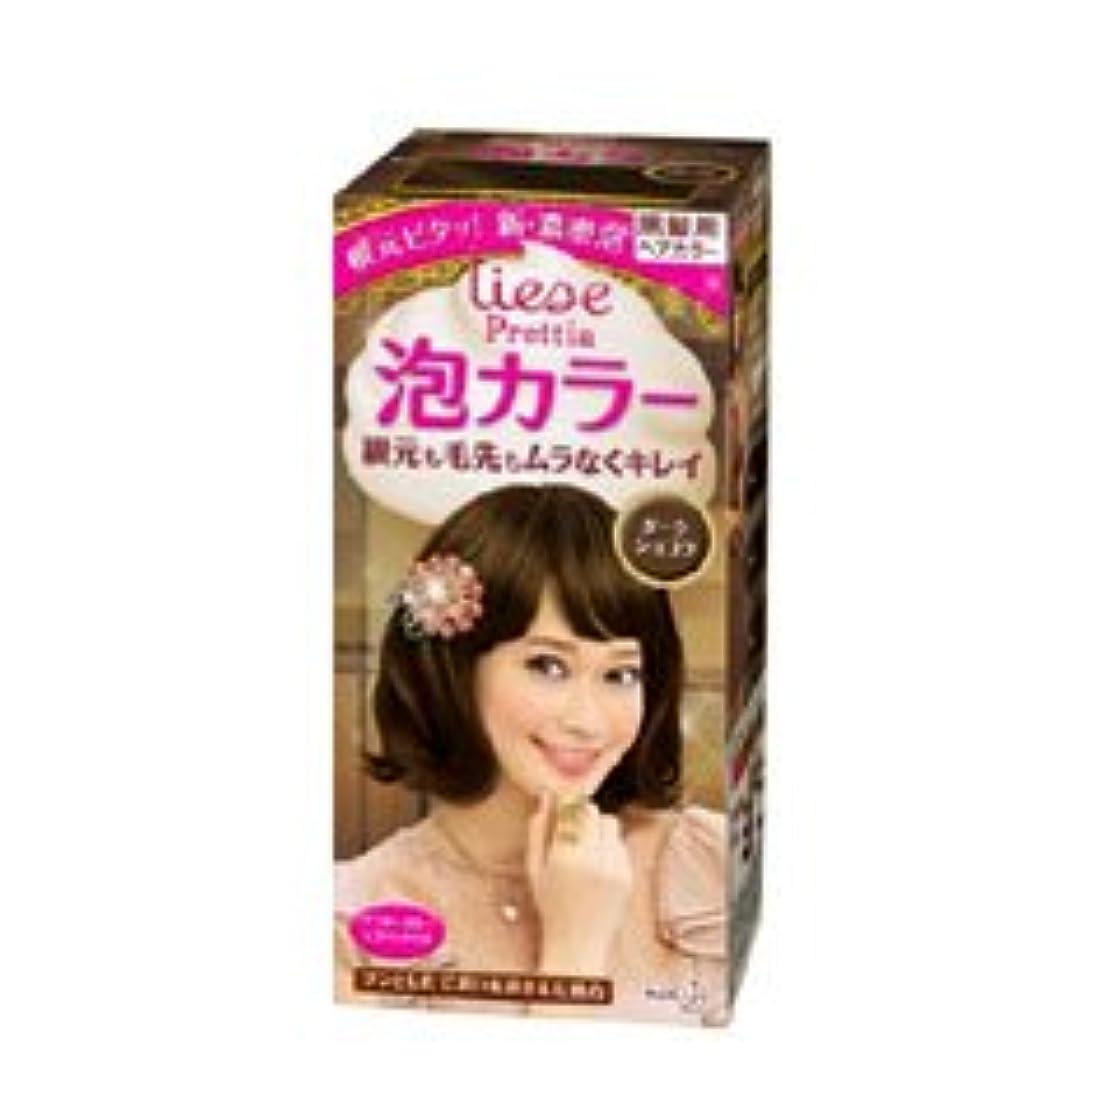 本質的ではない接尾辞ランドマーク【花王】リーゼプリティア 泡カラー ダークショコラ